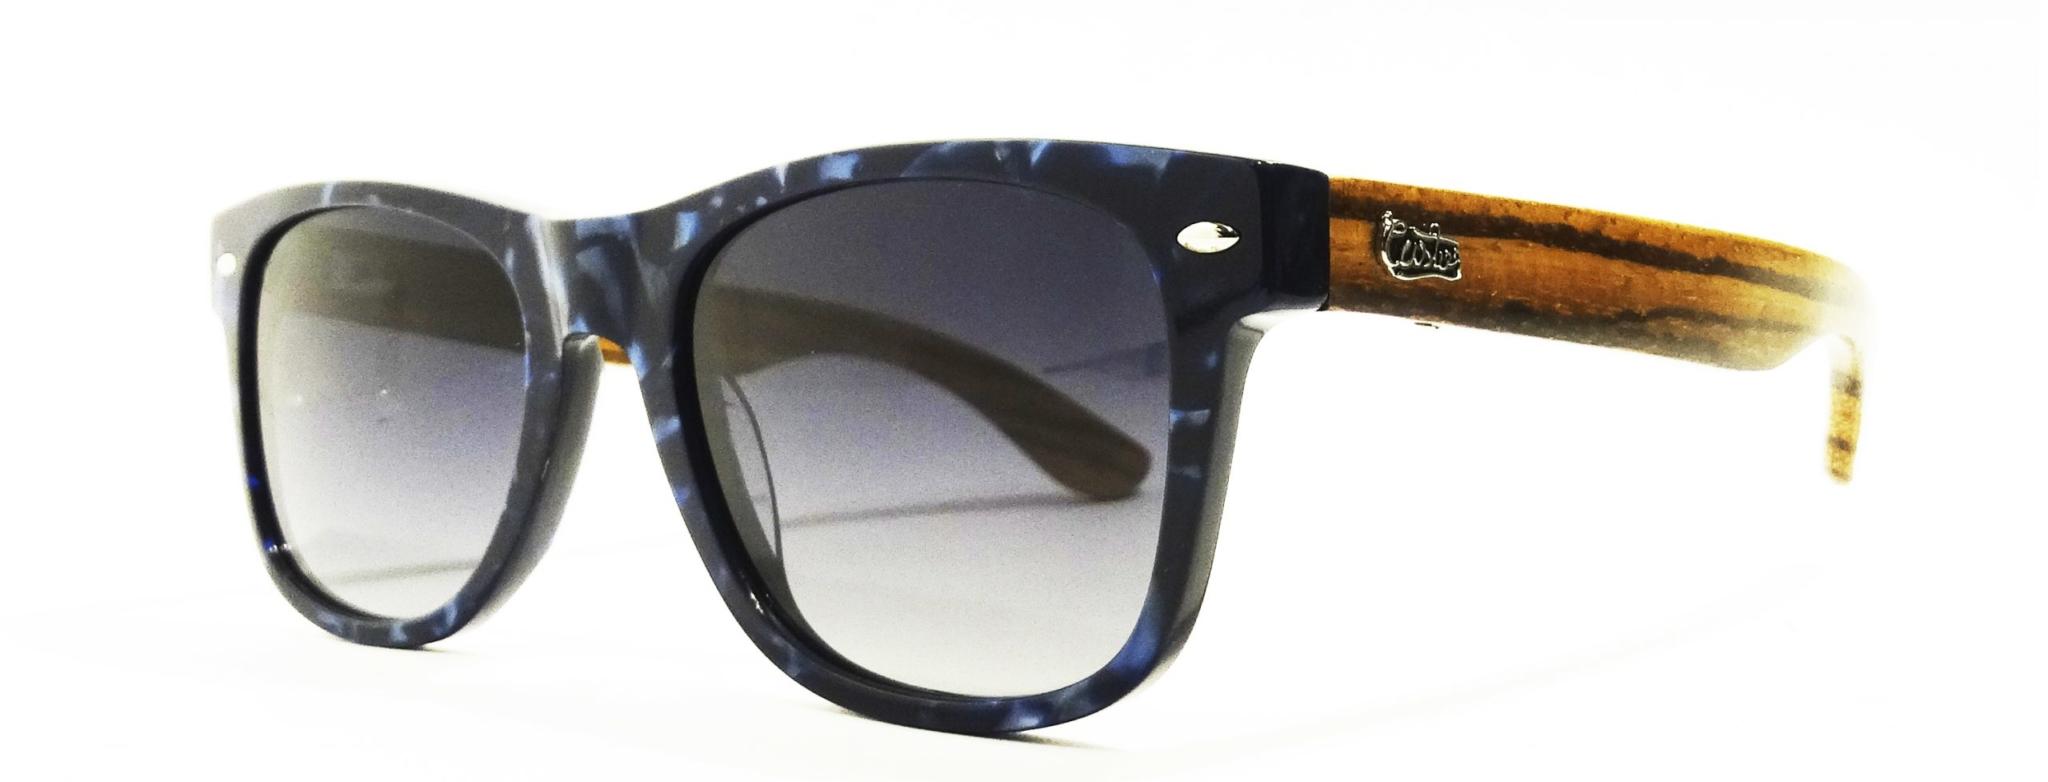 c65870b7-243a-gafas-de-sol